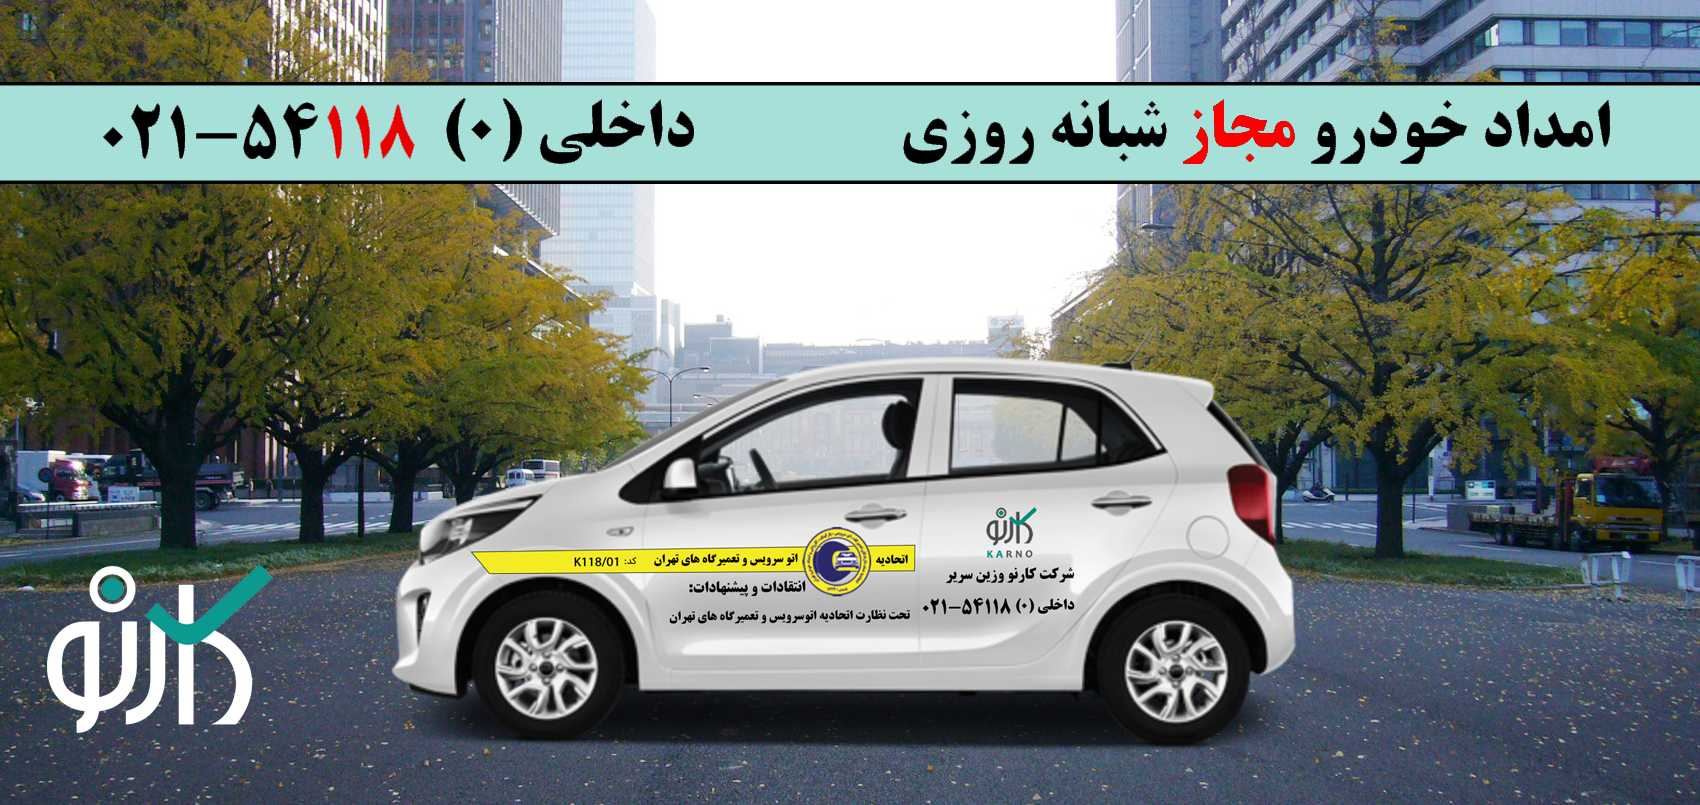 نماینده رسمی امداد خودرو 24 ساعته 54118-021